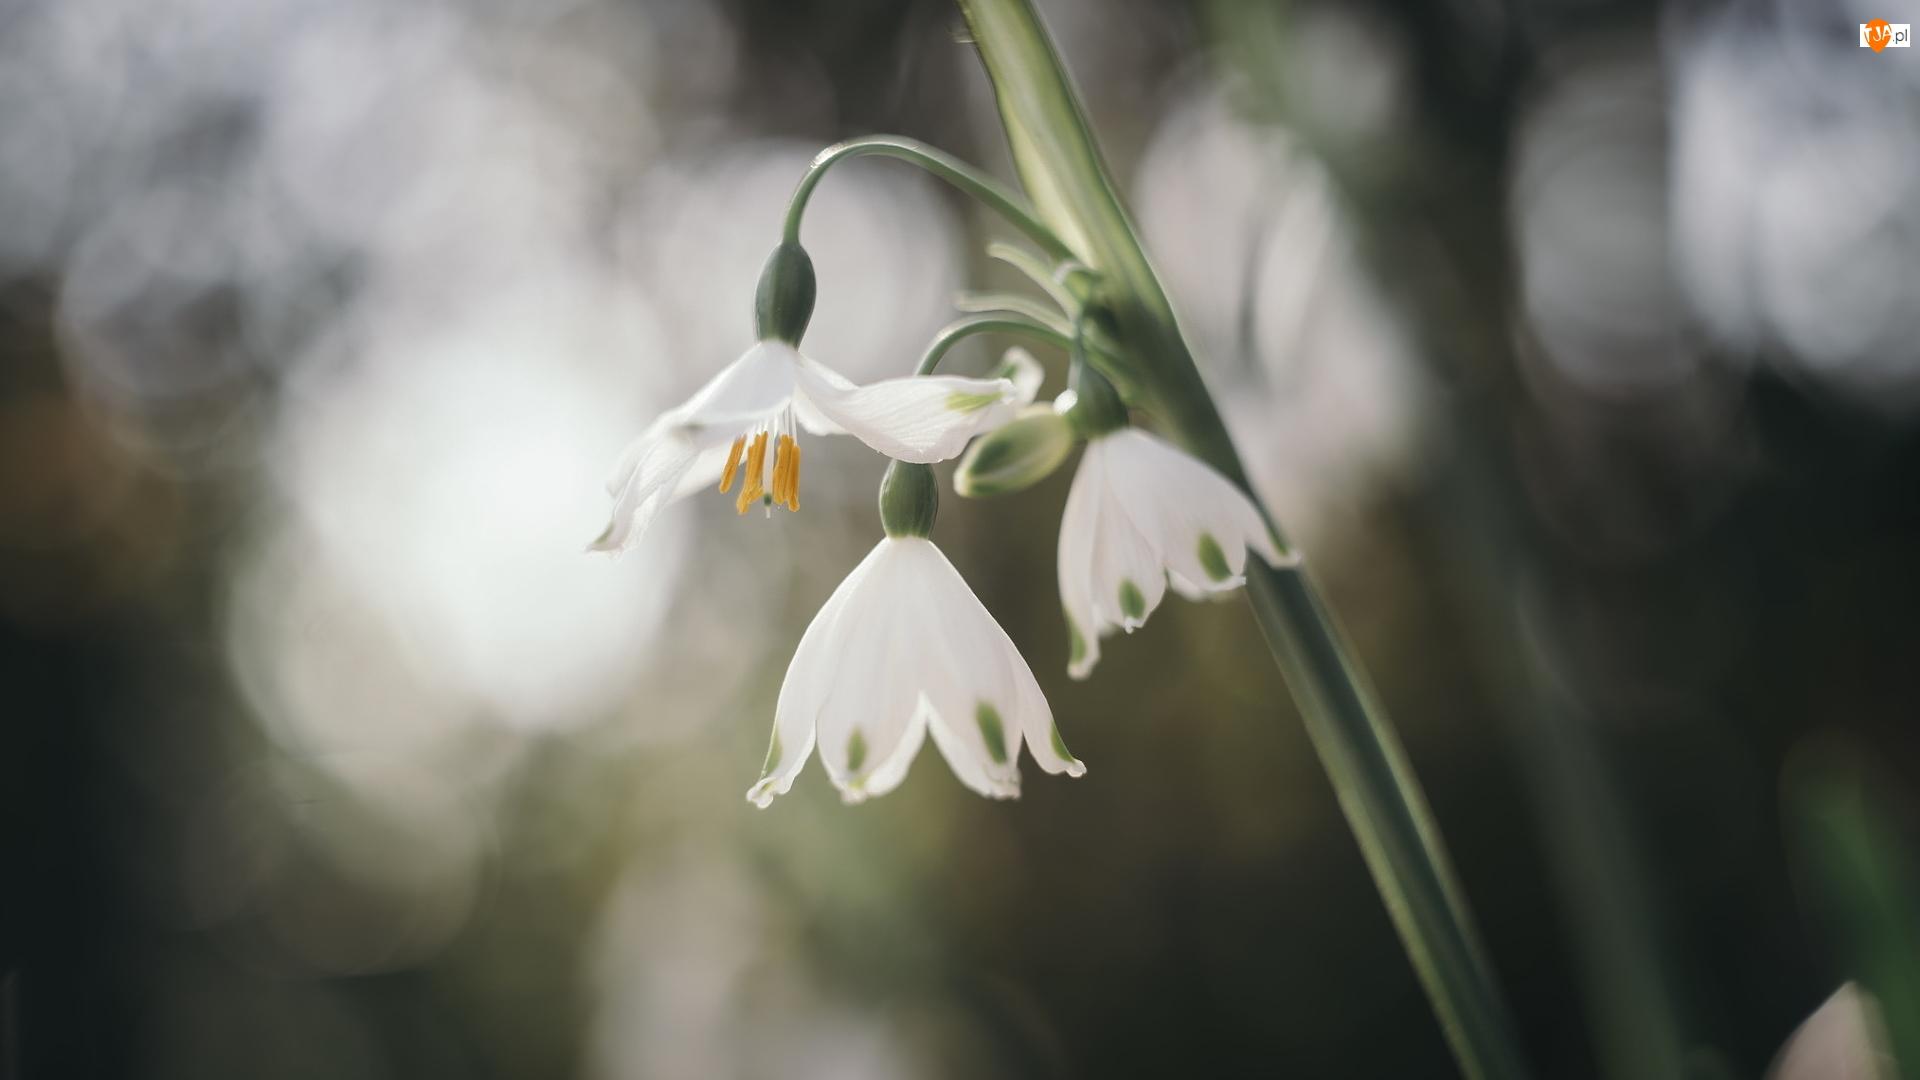 Śnieżyce, Pochylone, Kwiaty